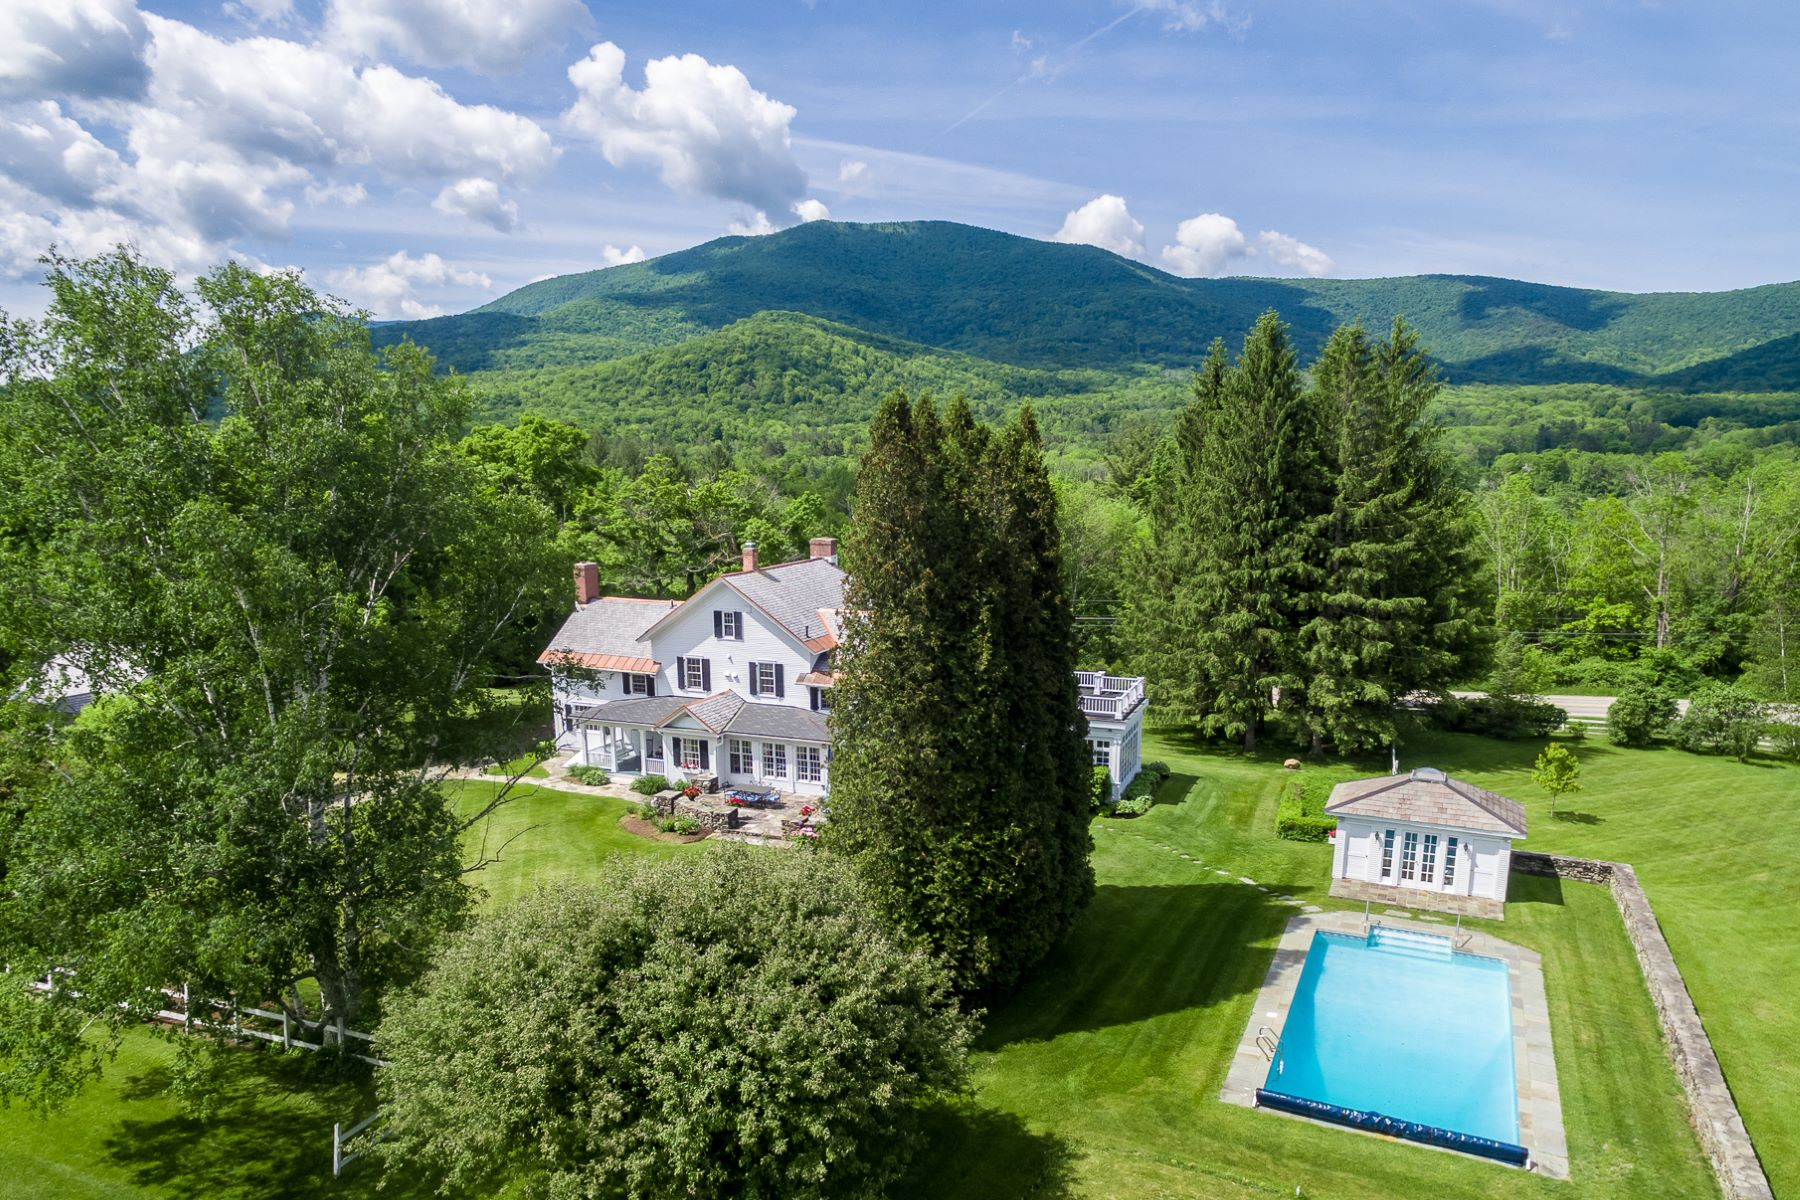 """Moradia para Venda às Historic Renovation - """"Dorset House"""" 2116 Vermont Route 30 Dorset, Vermont, 05251 Estados Unidos"""